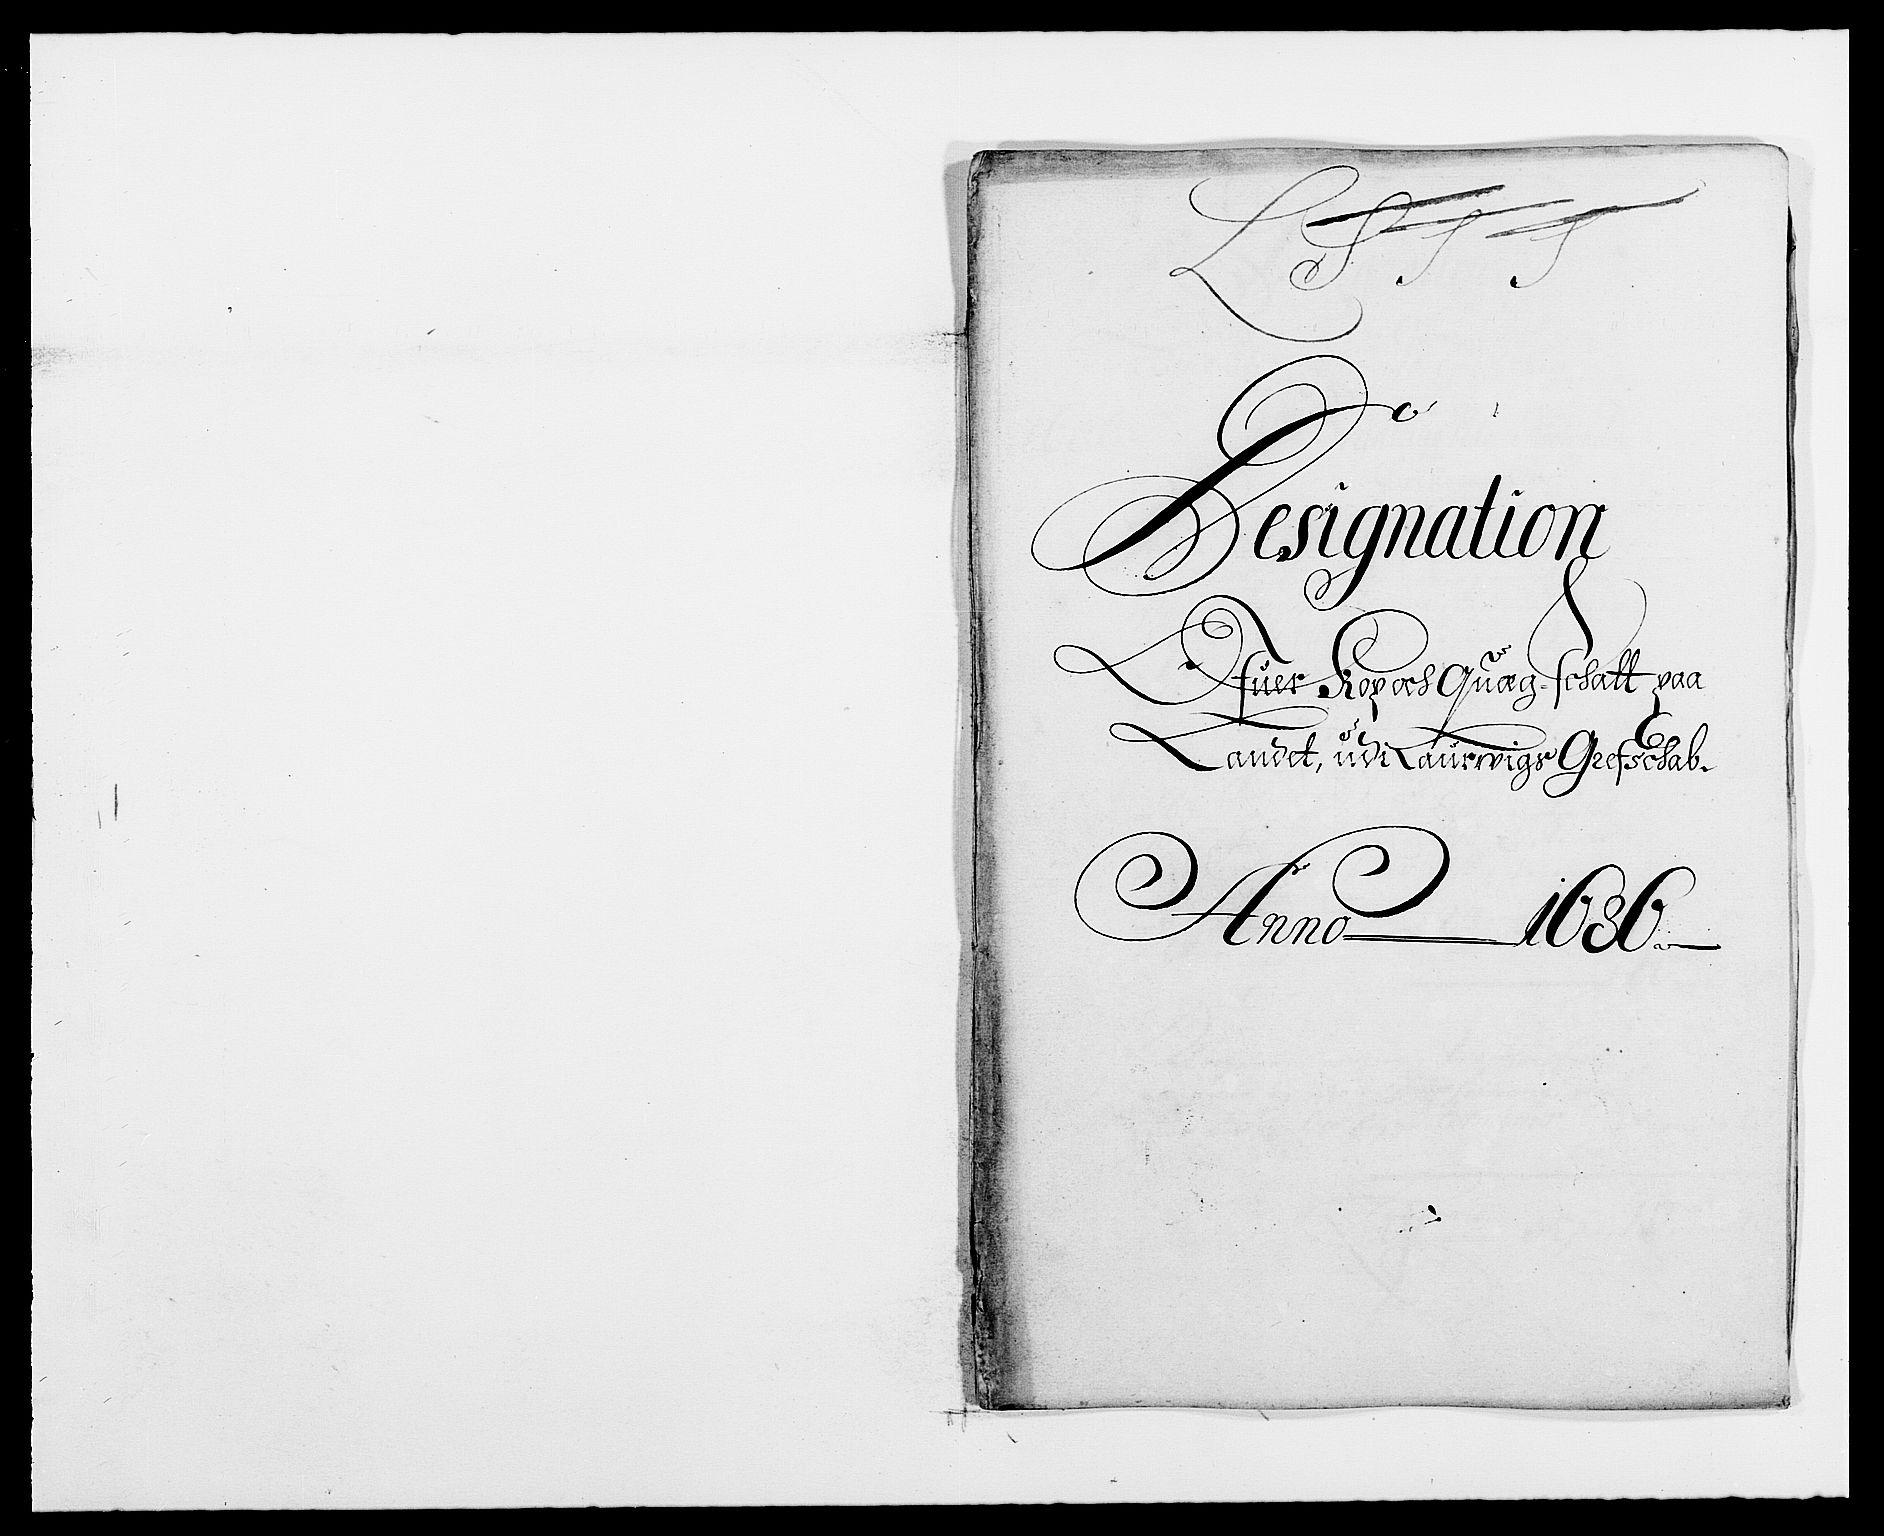 RA, Rentekammeret inntil 1814, Reviderte regnskaper, Fogderegnskap, R33/L1970: Fogderegnskap Larvik grevskap, 1675-1687, s. 249